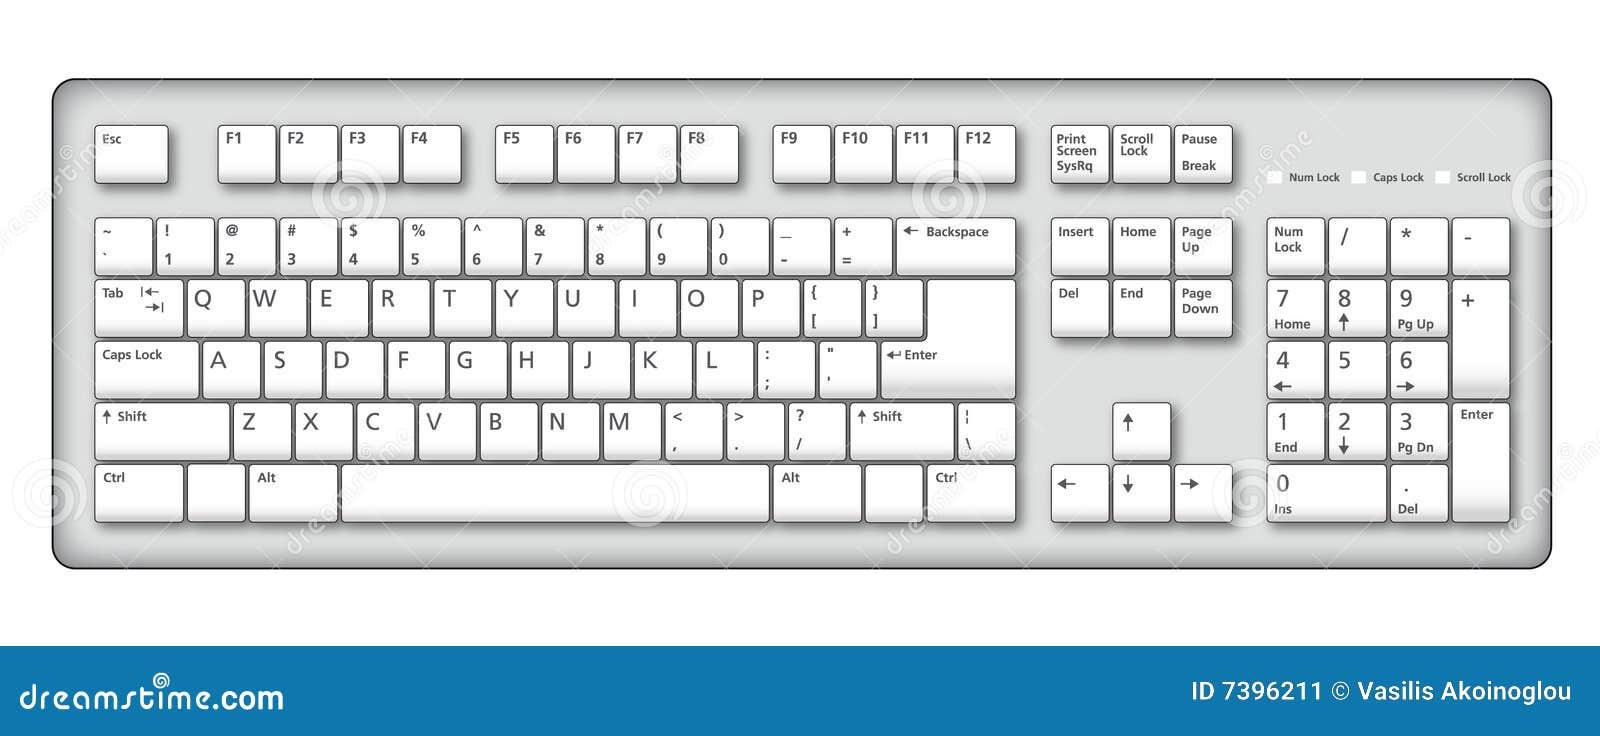 laptop keyboard drawing - photo #24